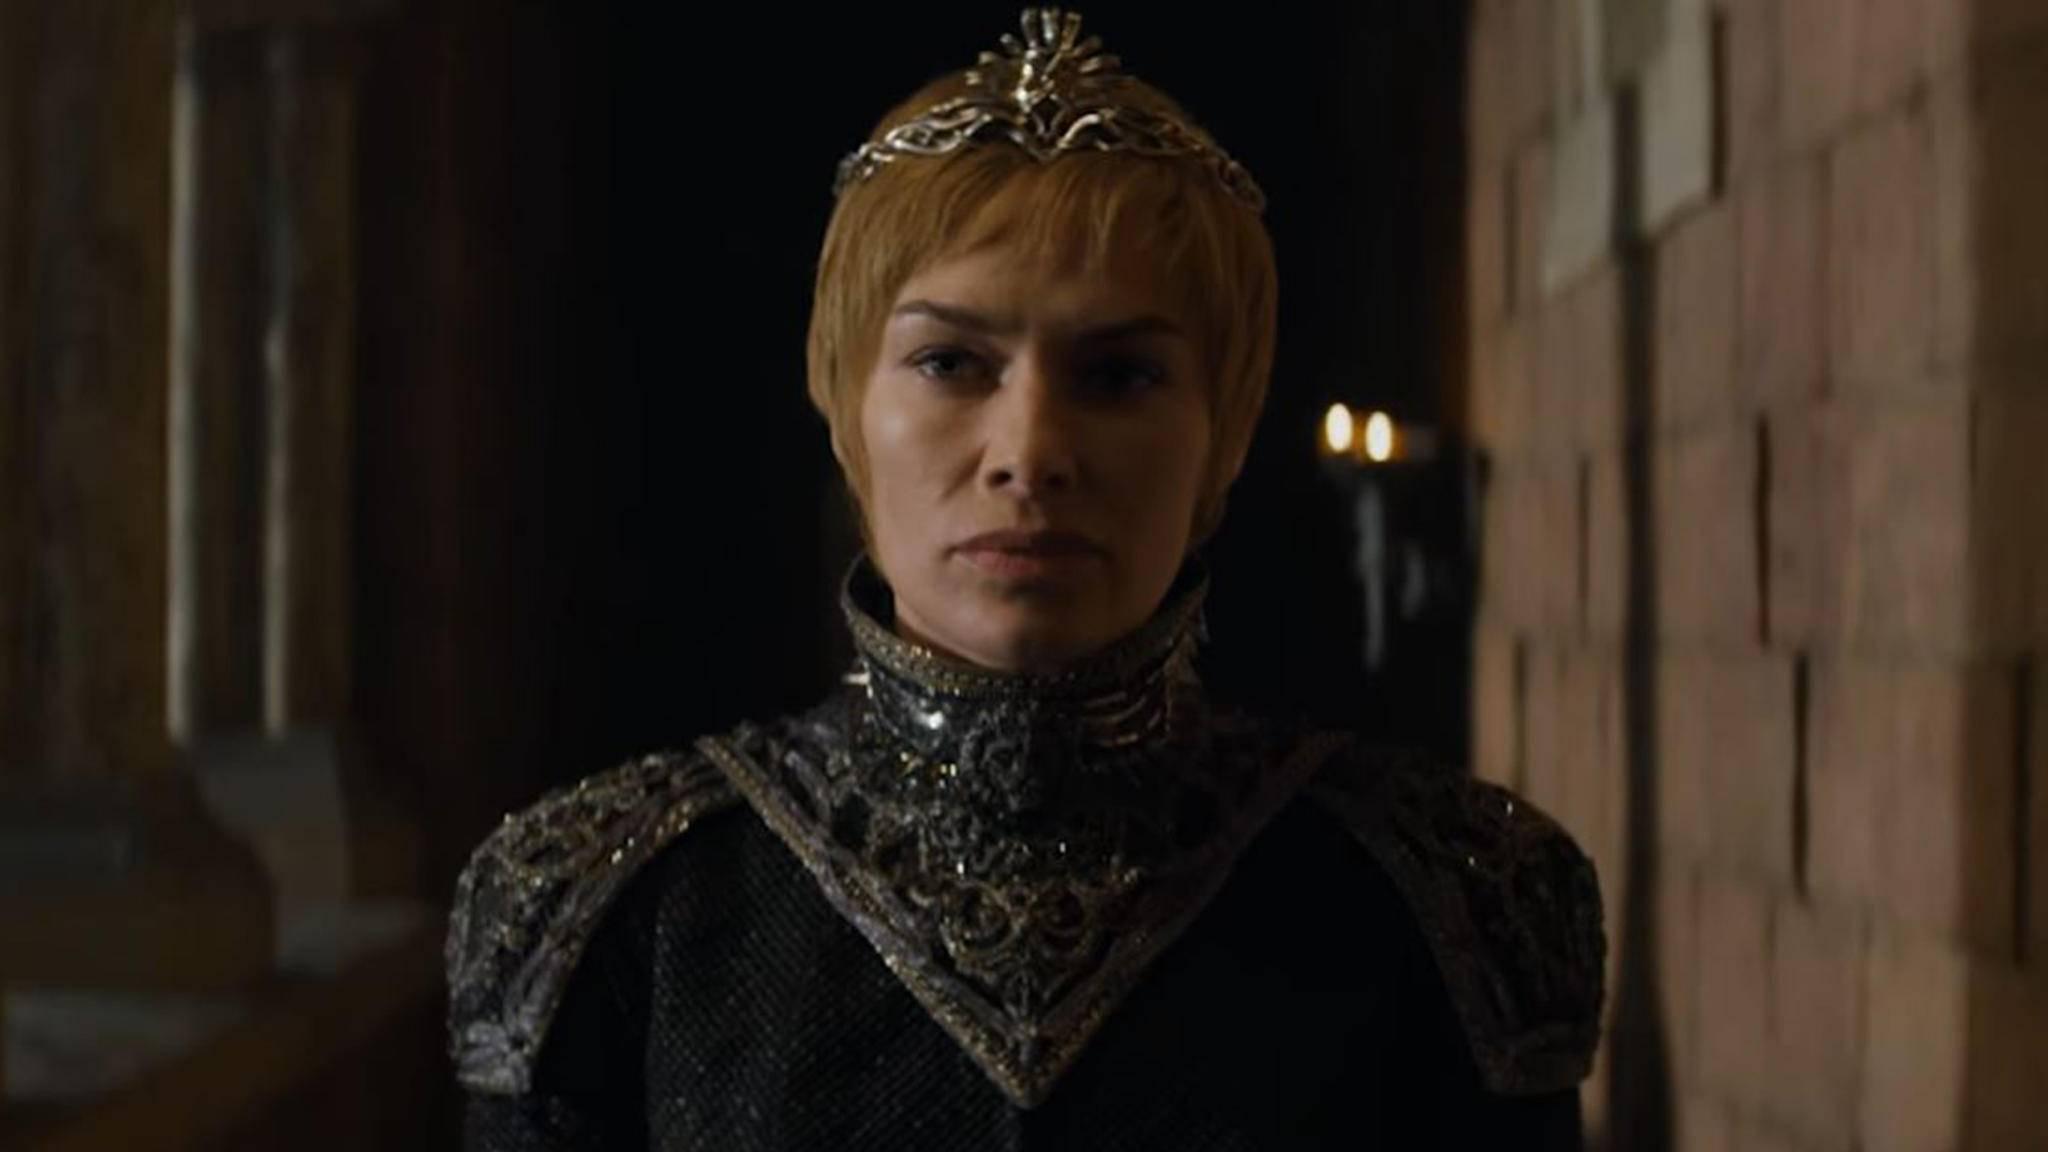 """Sitzt Cersei Lannister am Ende von """"Game of Thrones"""" auf dem Eisernen Thron? Steckt sie gar hinter der Bedrohung durch die Weißen Wanderer? Eine neue Website erklärt irre Zusammenhänge."""